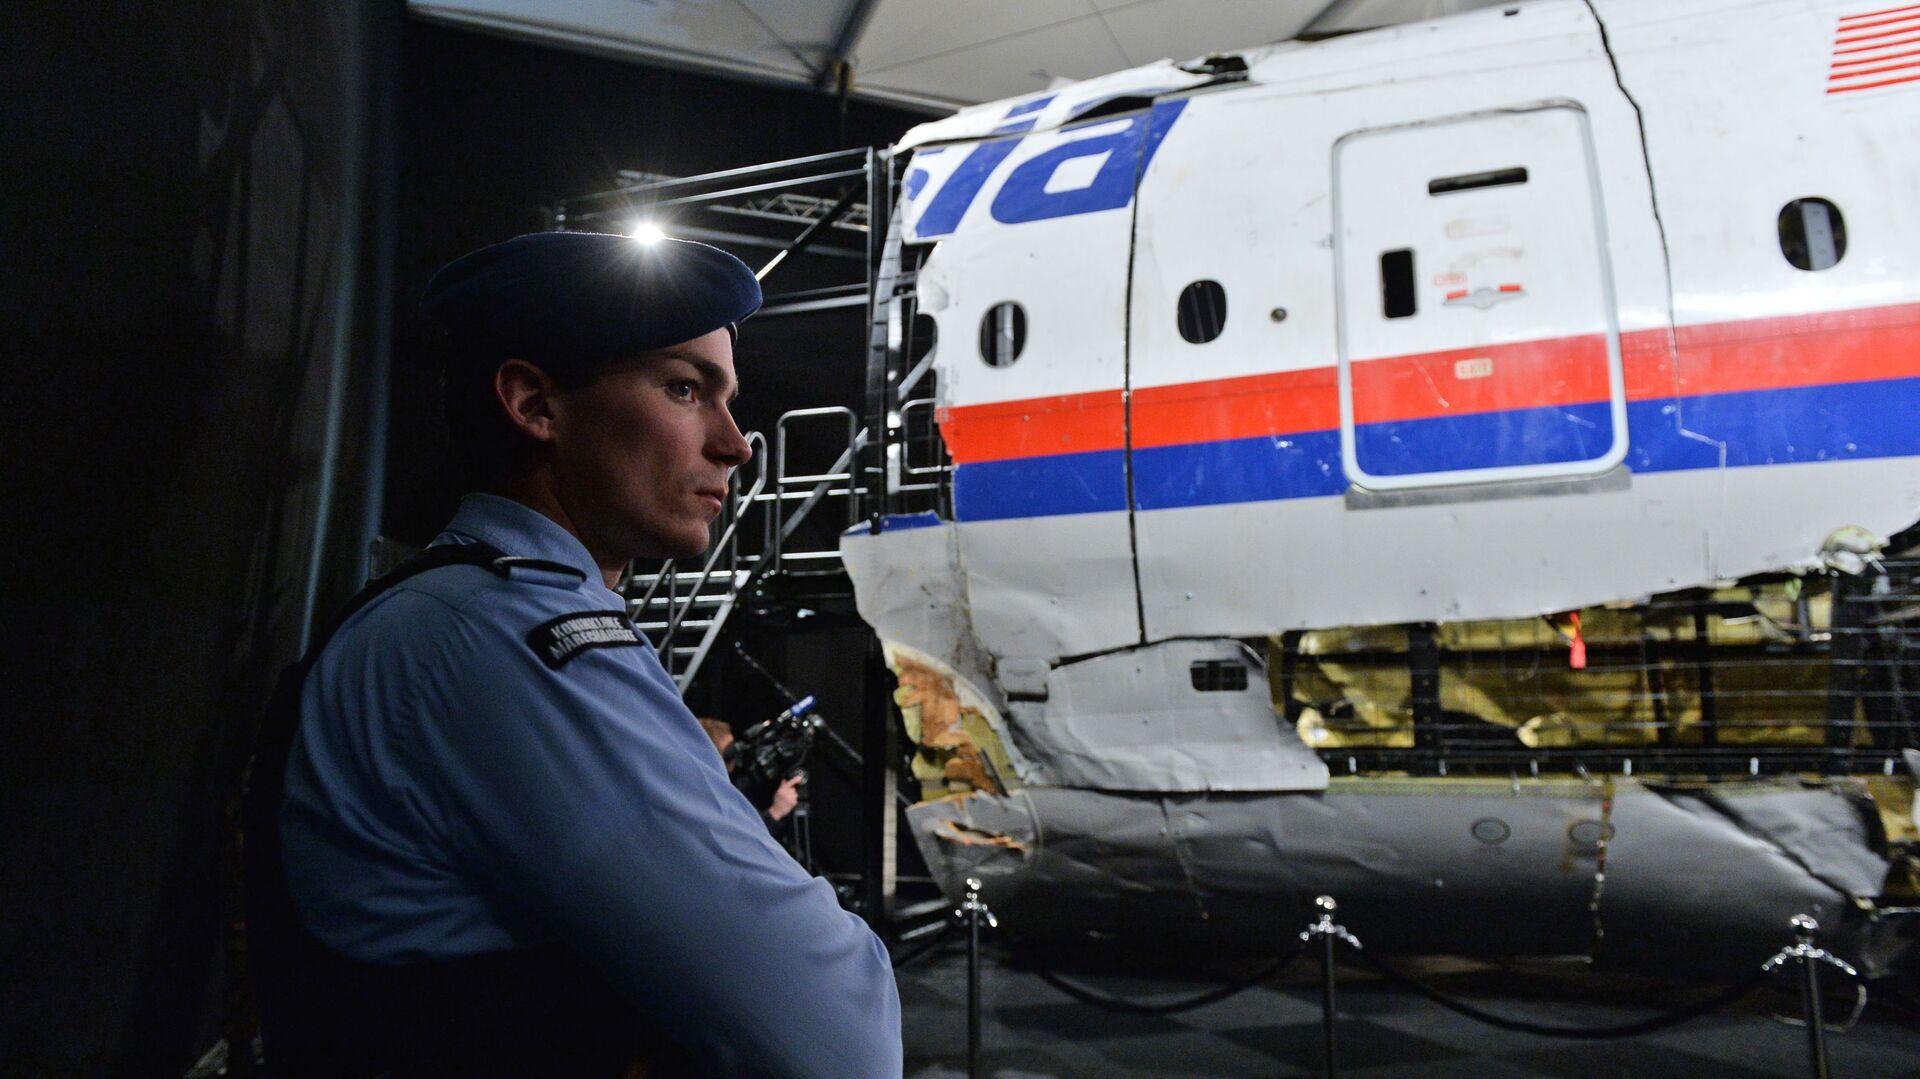 Prezentace zprávy o okolnostech havárie Boeingu 777 Malaysia Airlines na východě Ukrajiny - Sputnik Česká republika, 1920, 09.06.2021